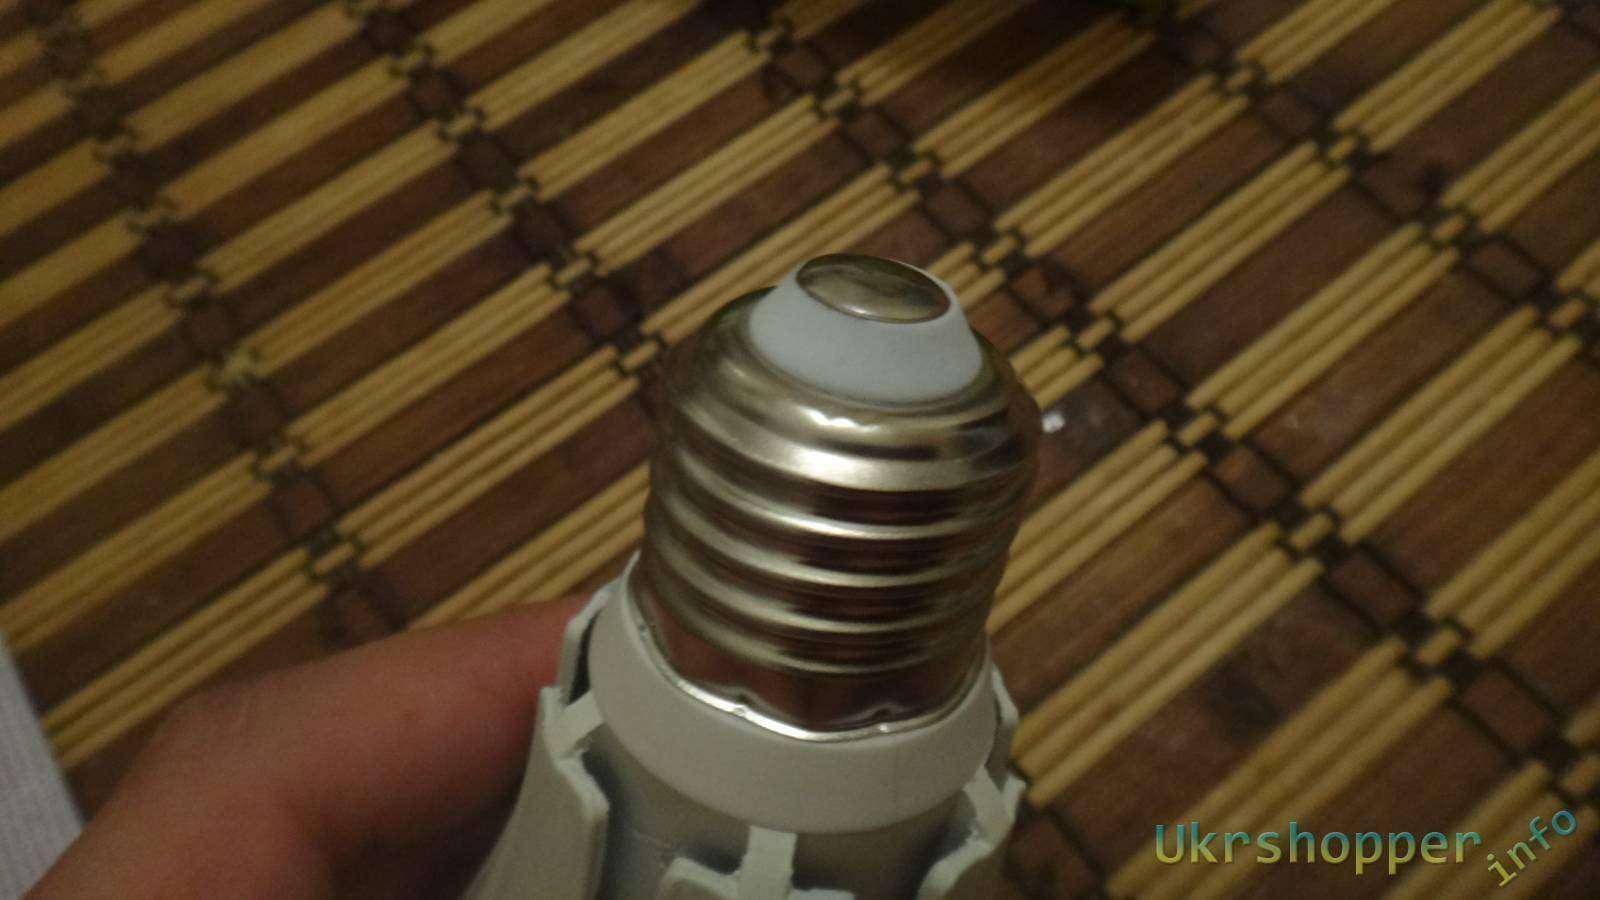 Другие - Украина: Обзор качественной светодиодной лампы на 12W с цоколем Е27 GEEN LB-222